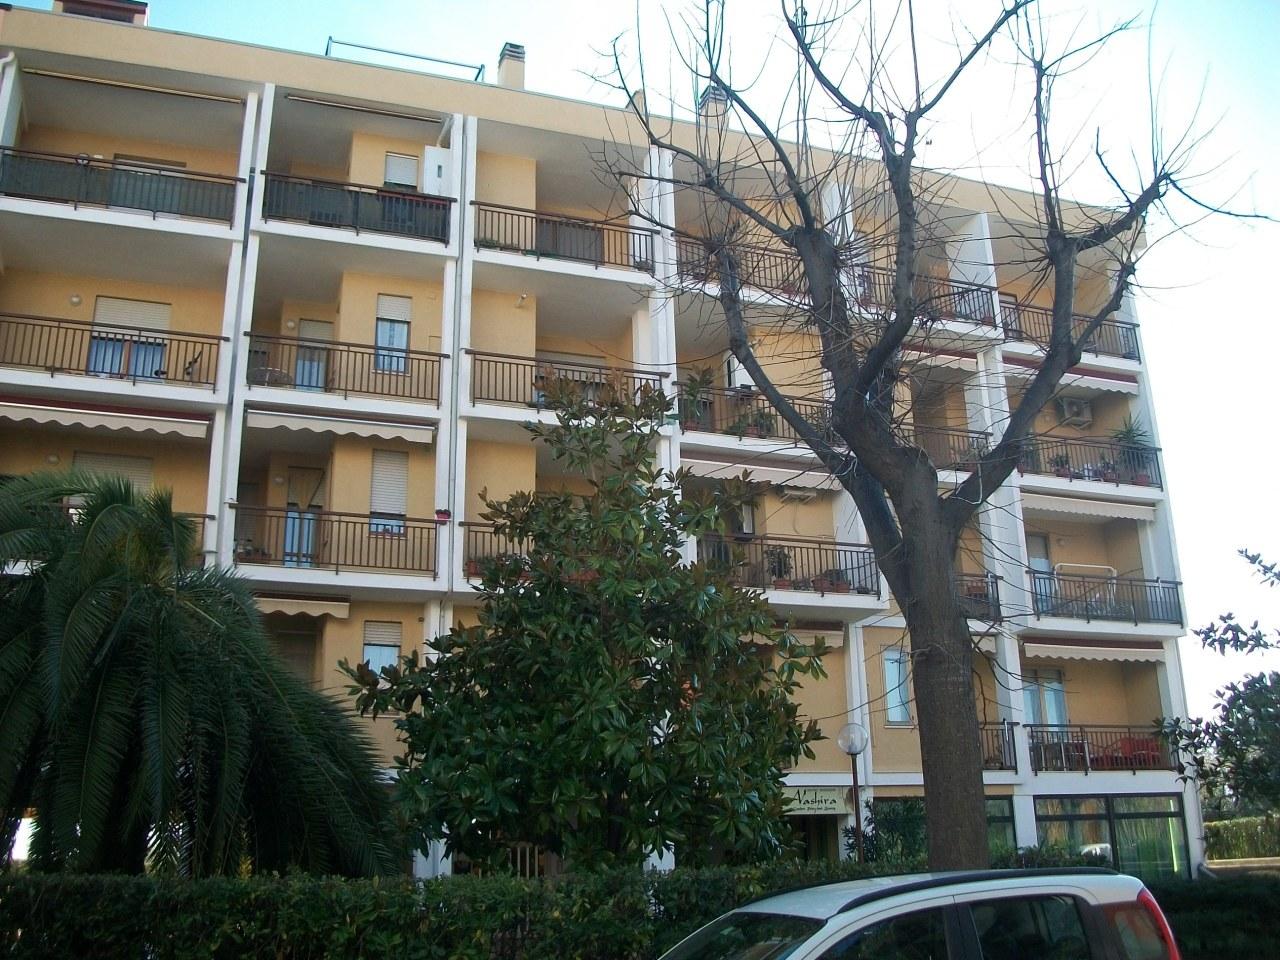 Appartamento - Mansarda a Lanciano